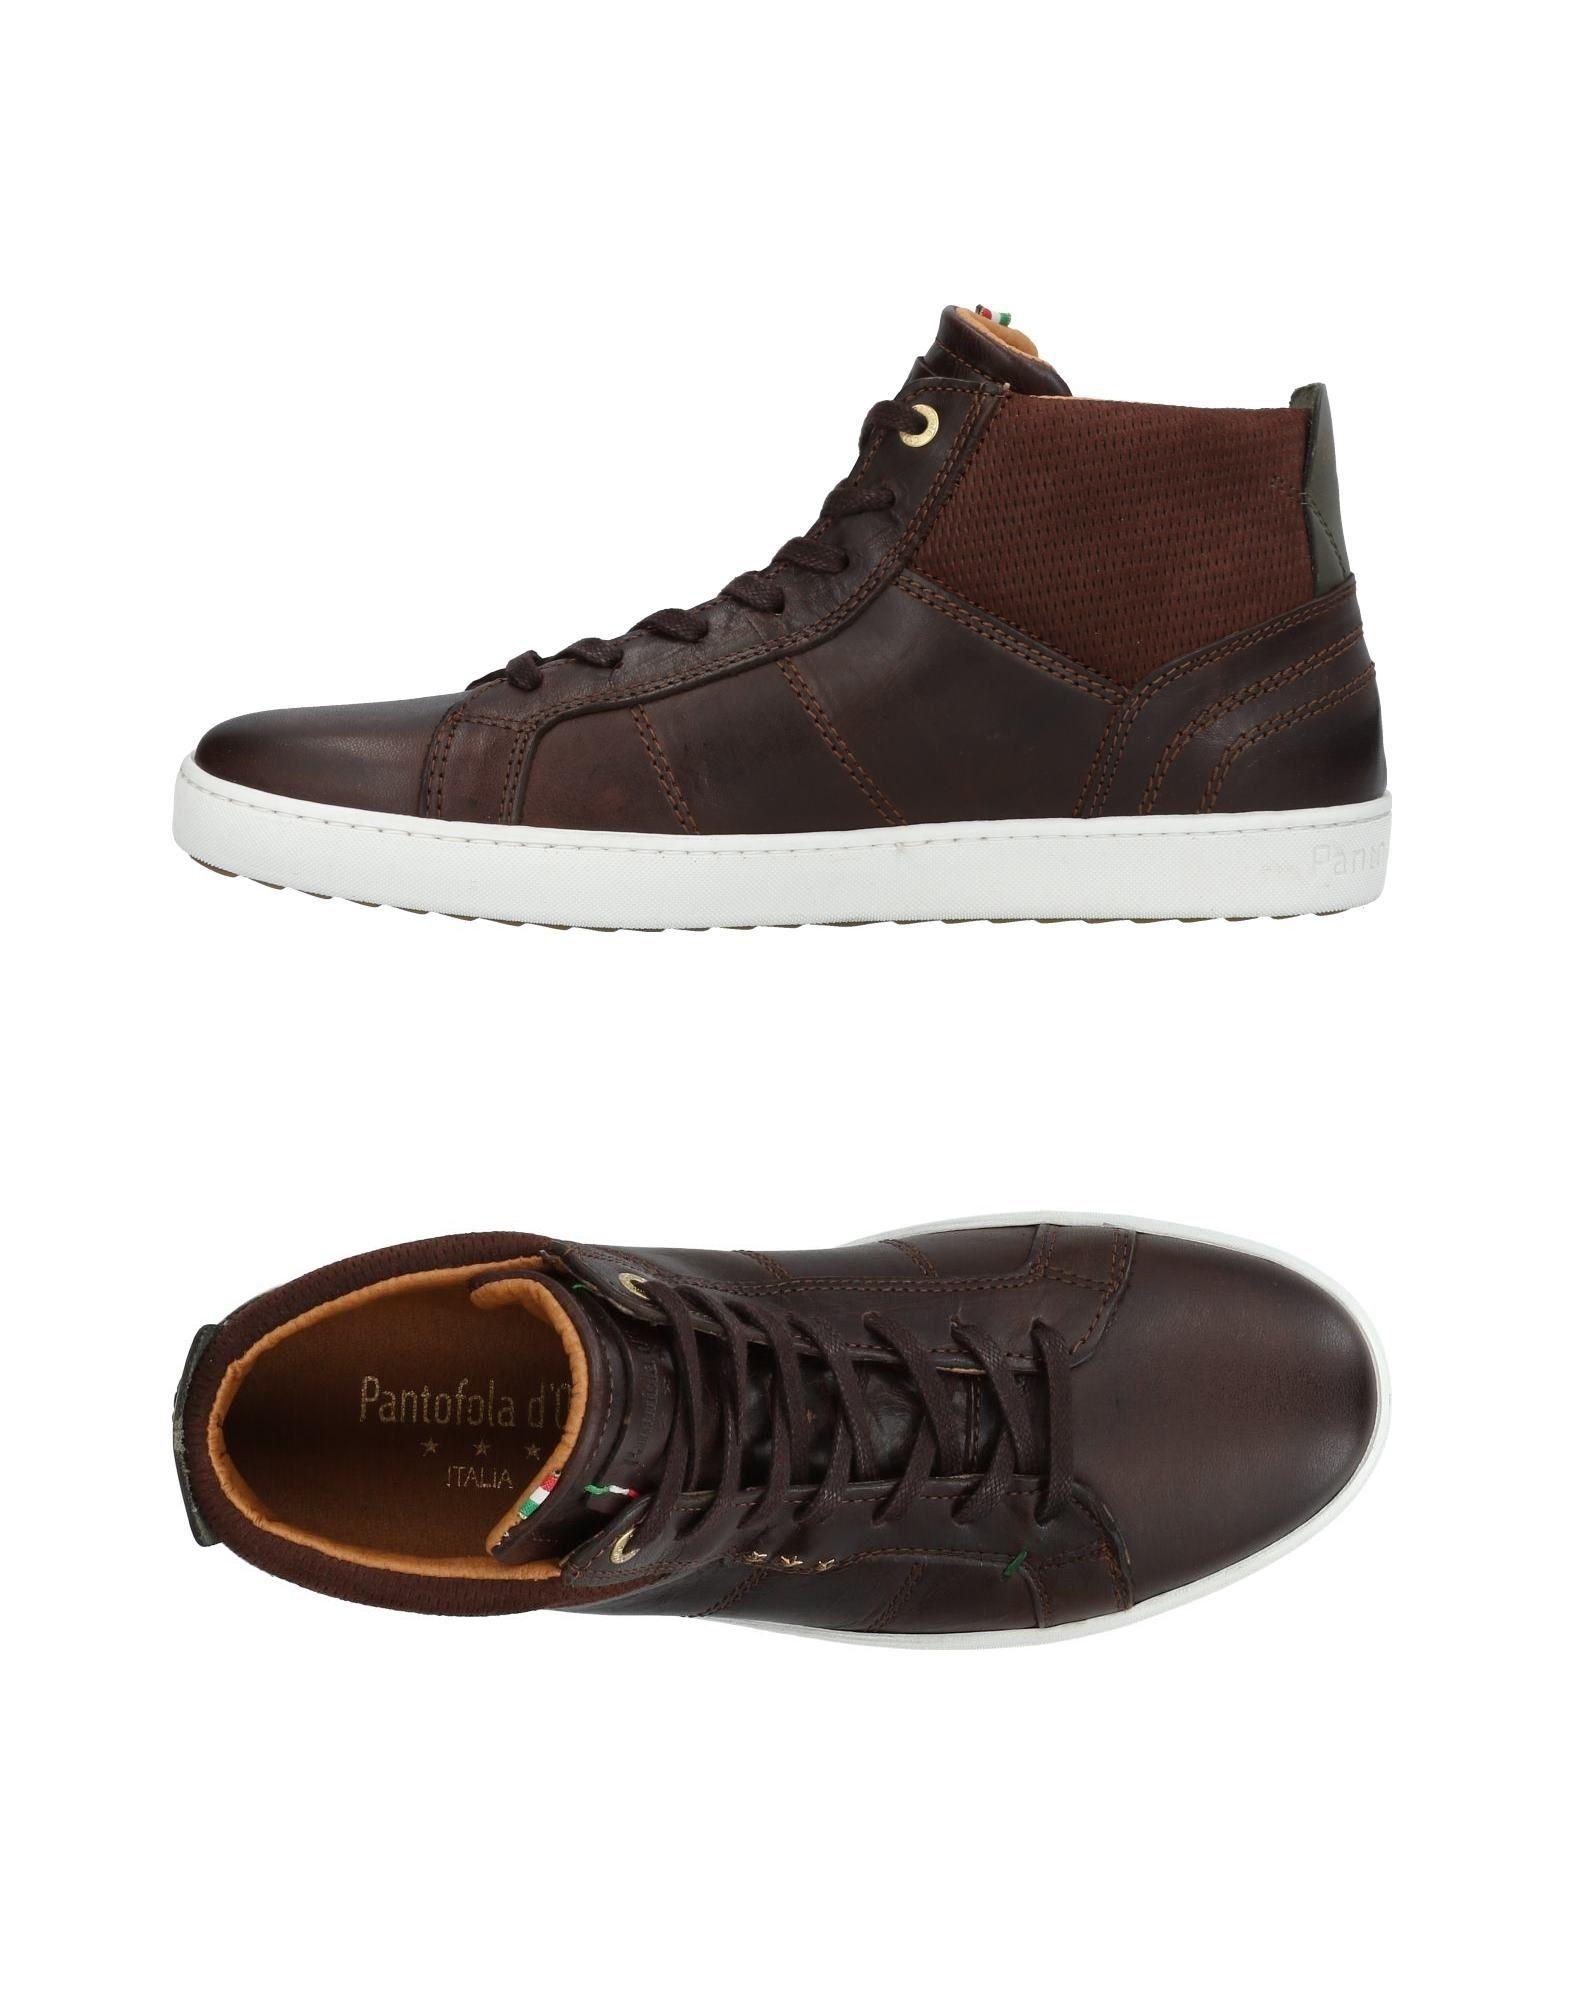 Sneakers Pantofola D'oro Uomo - 11456474EG